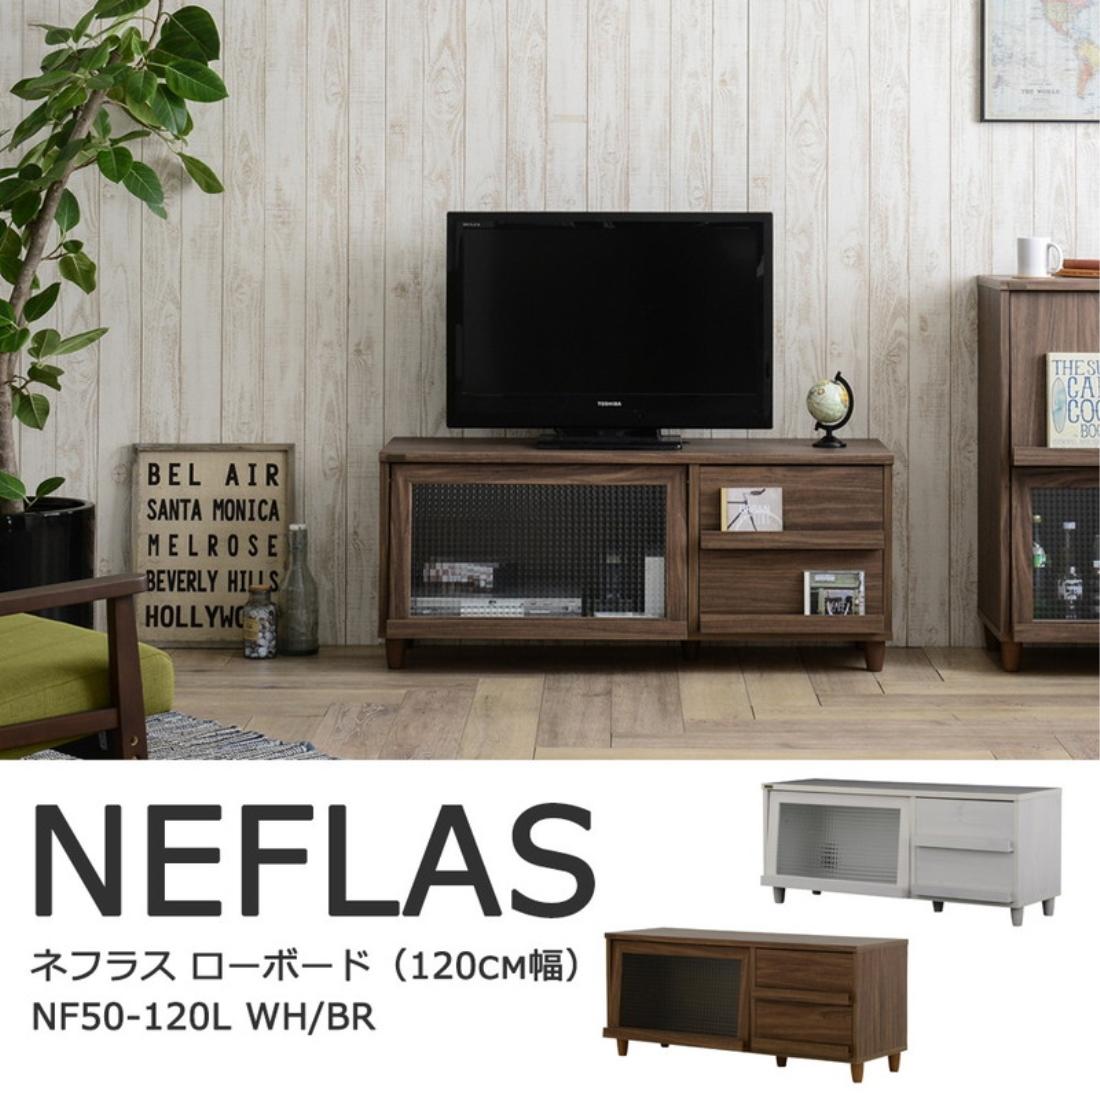 テレビ ボード TVボード NEFLAS(ネフラス)テレビ台 ローボード(120cm幅)